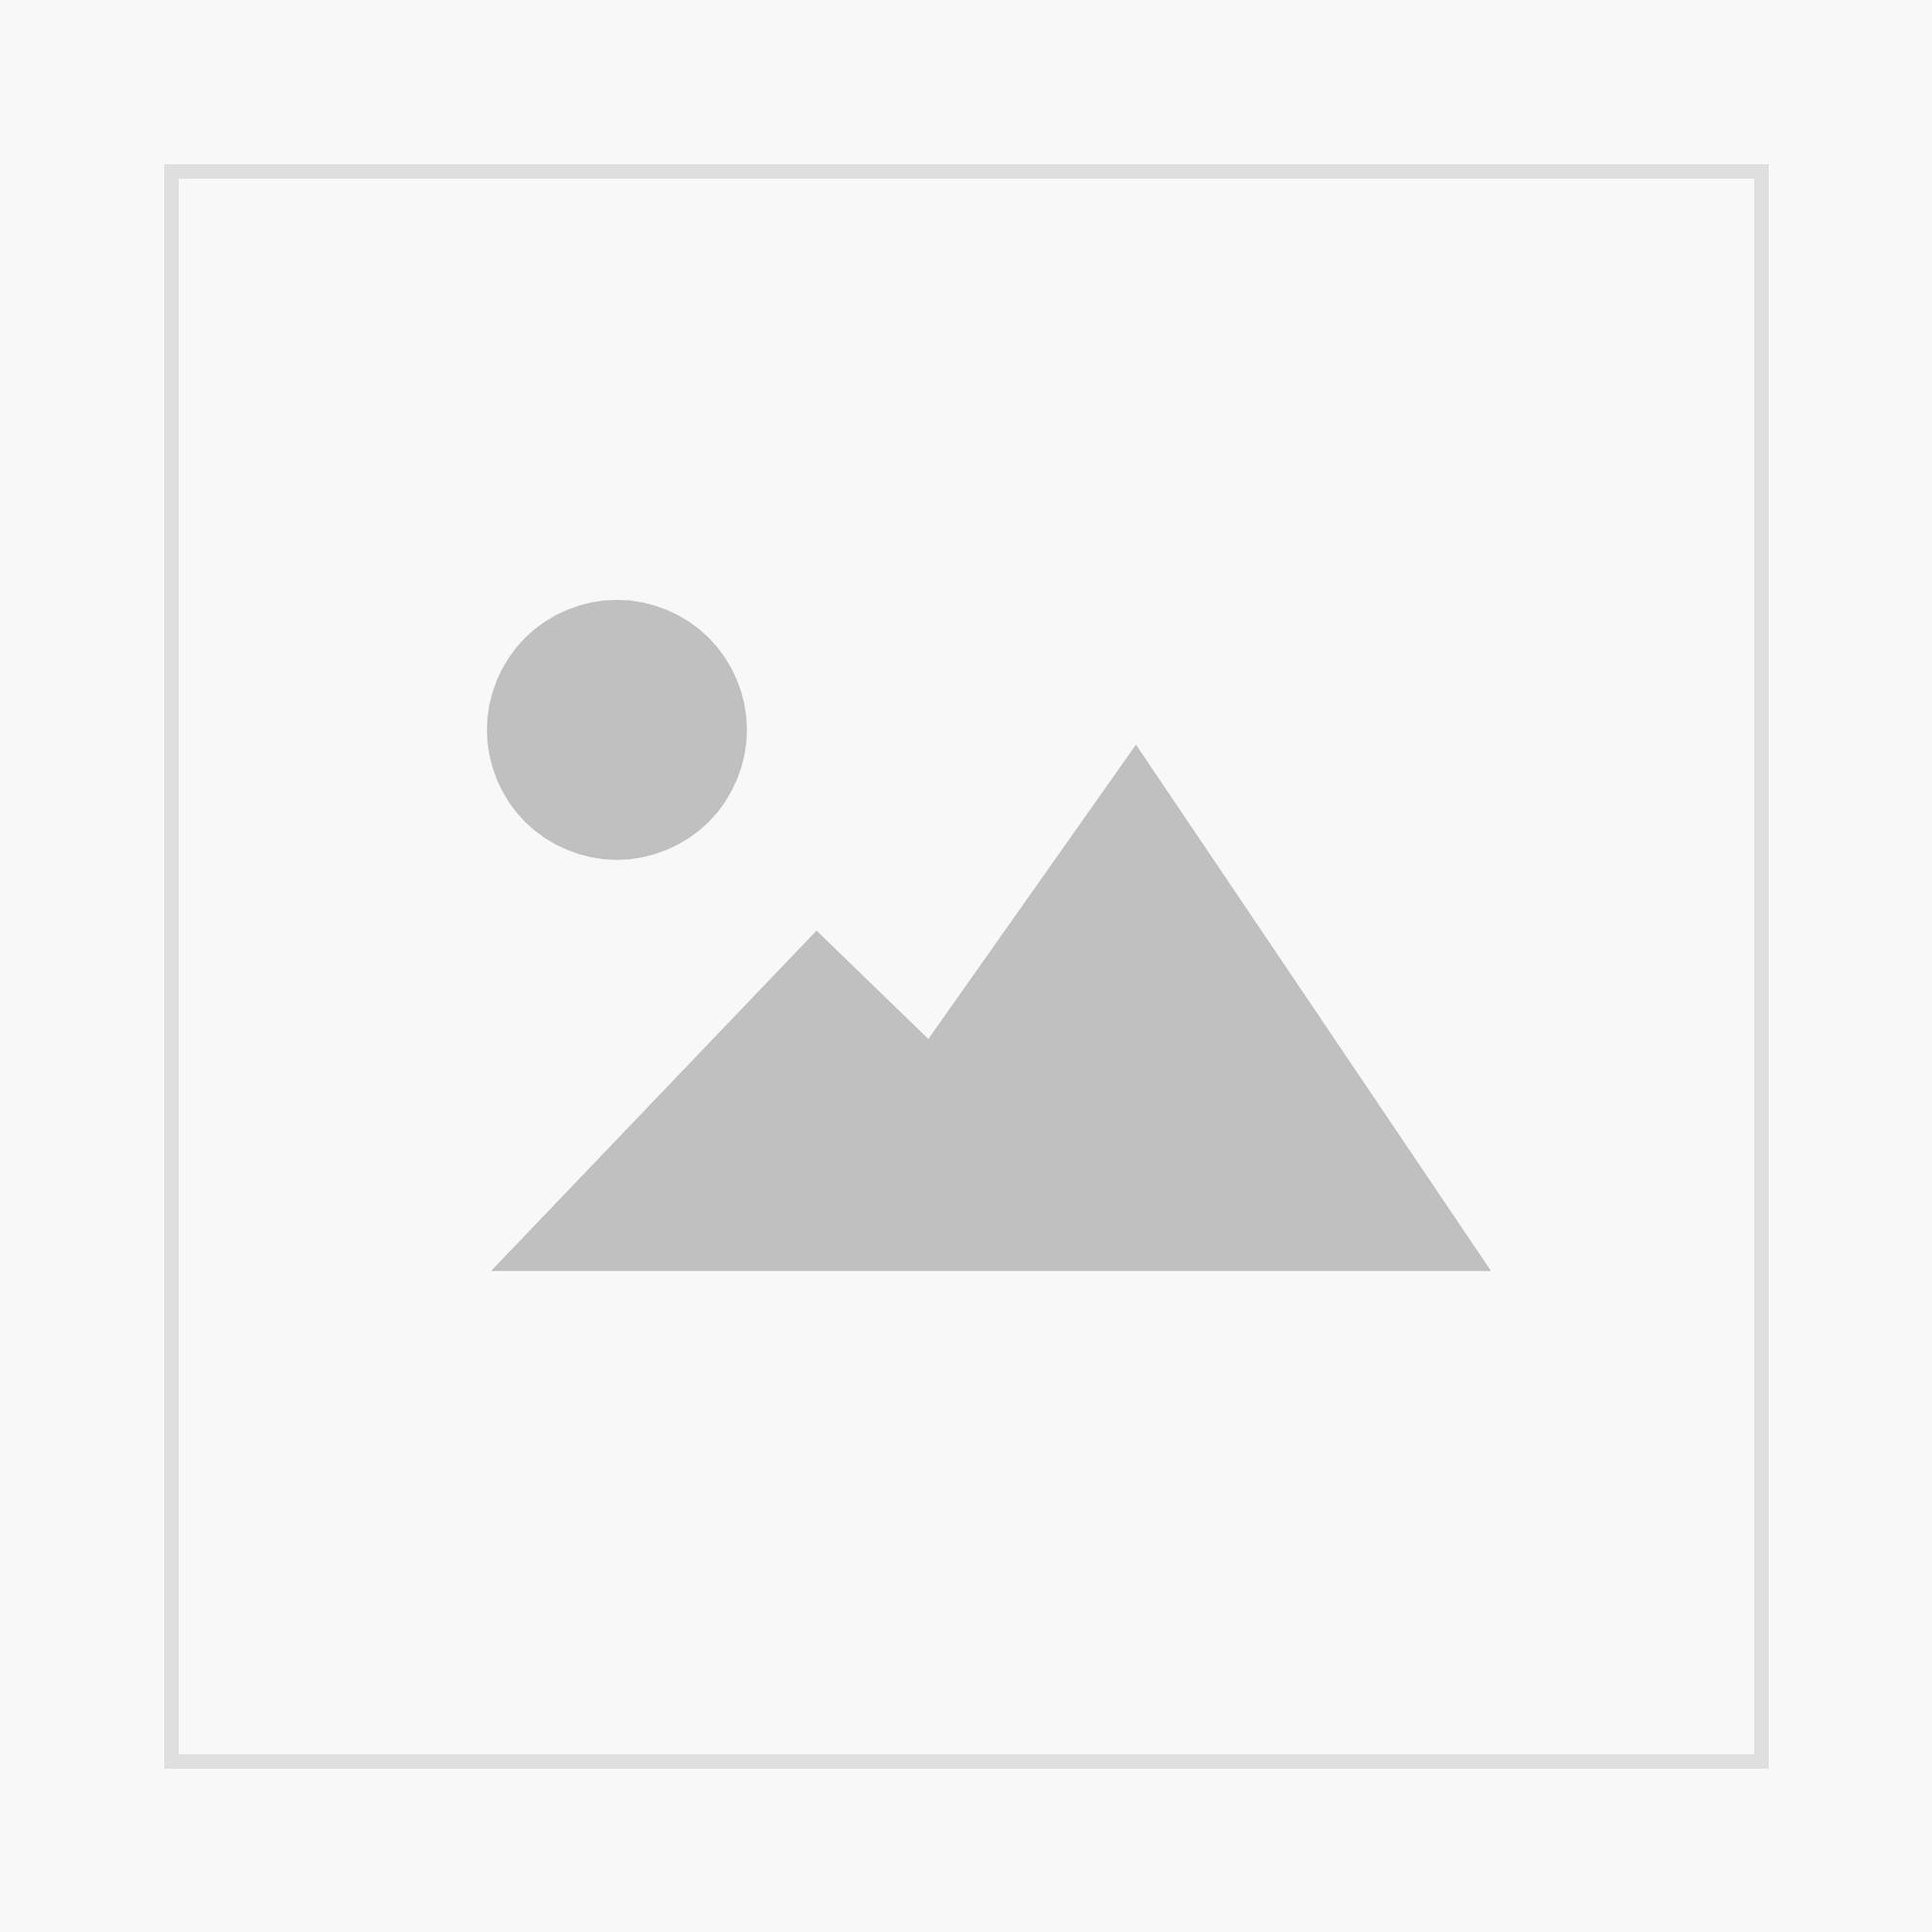 ALÖ Heft 63: Nachhaltigkeitsindikator für die Artenvielfalt. Ein Indikator für den Zustand von Natur und Landschaft in Deutschland